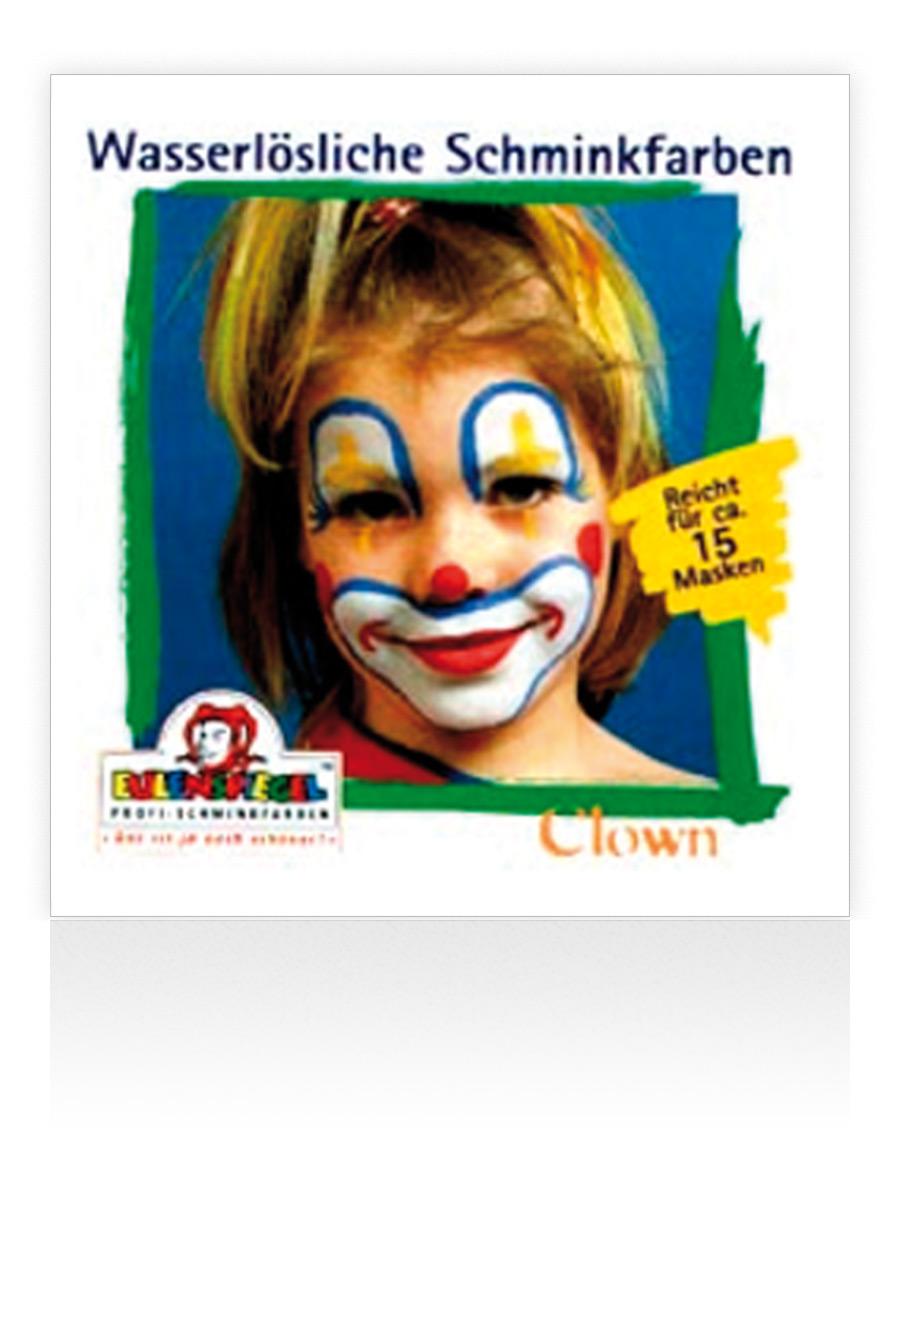 Ein Clowngesicht Schminken